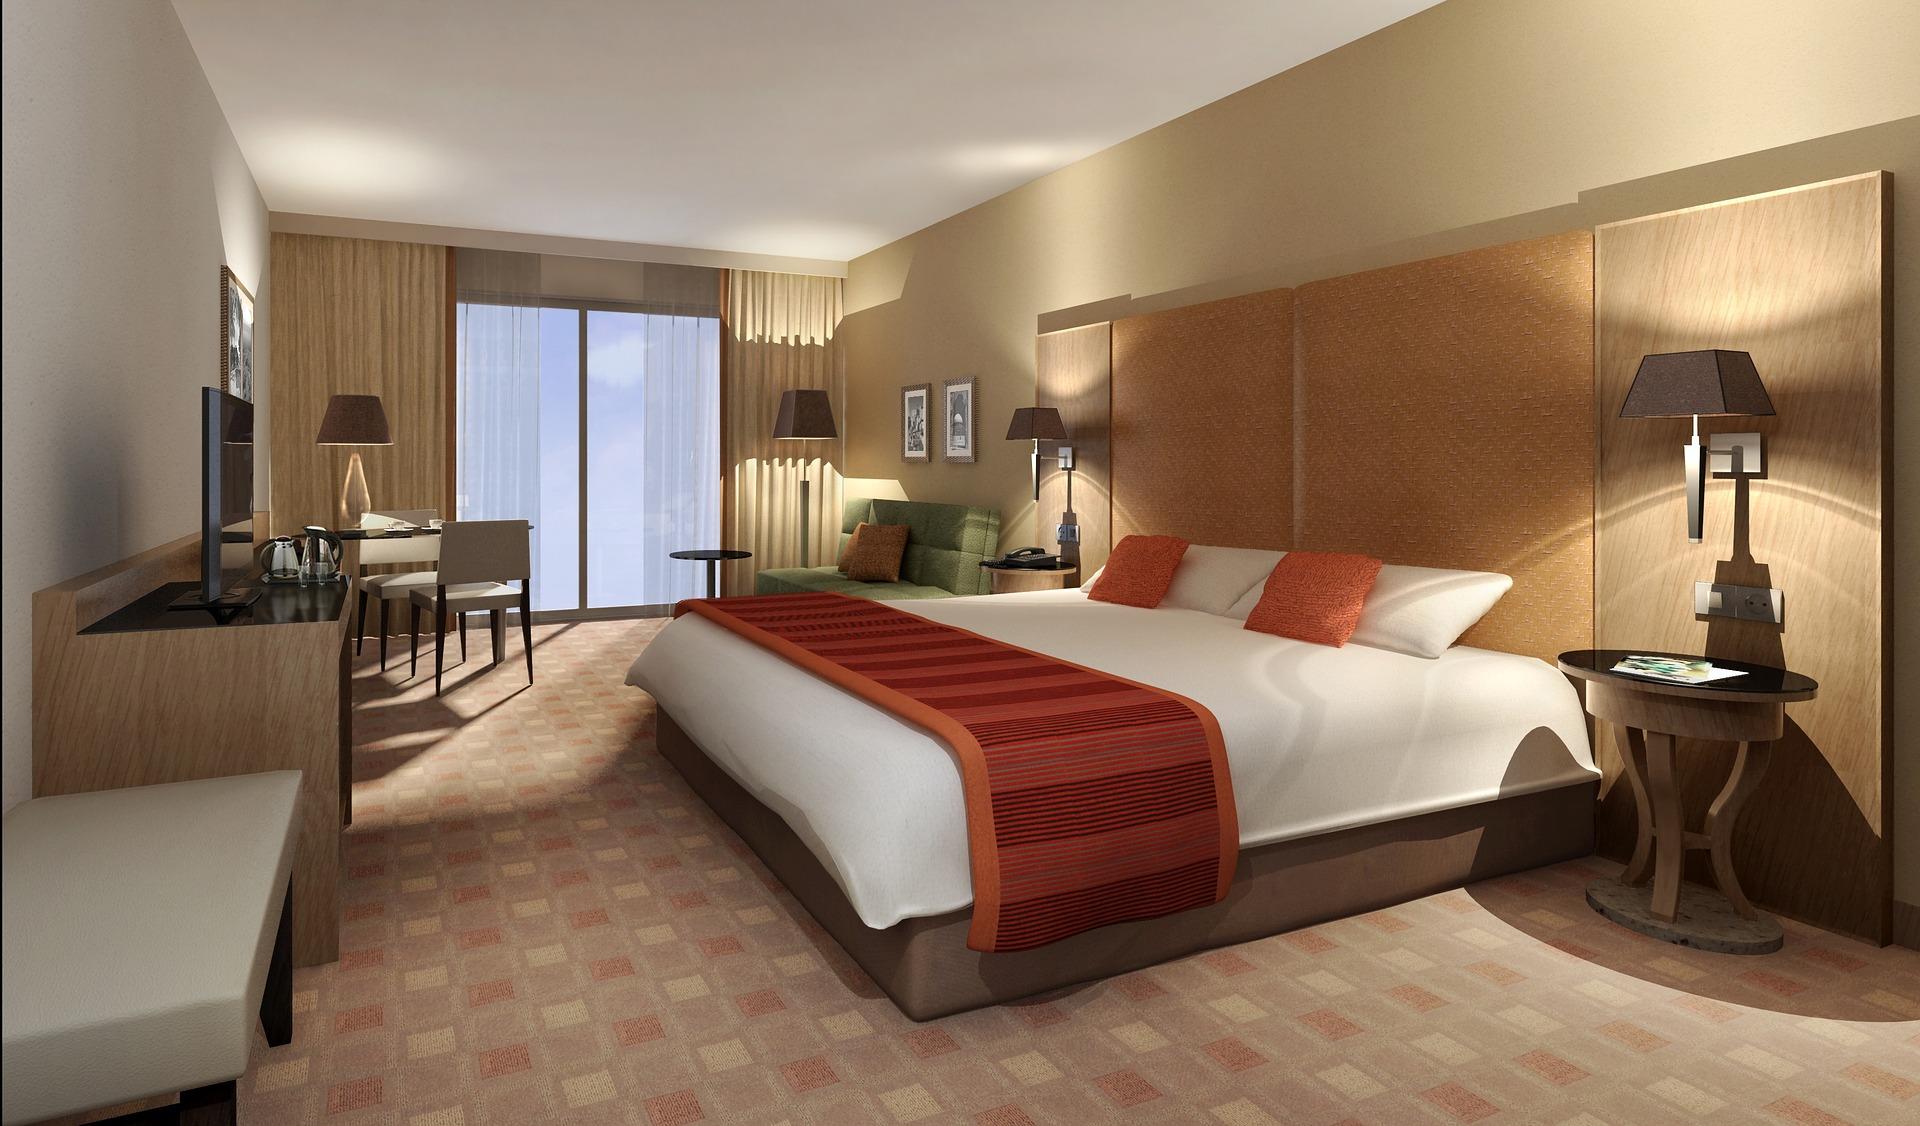 Na ilustracji widnieje sypialnia wykonana w CGI.